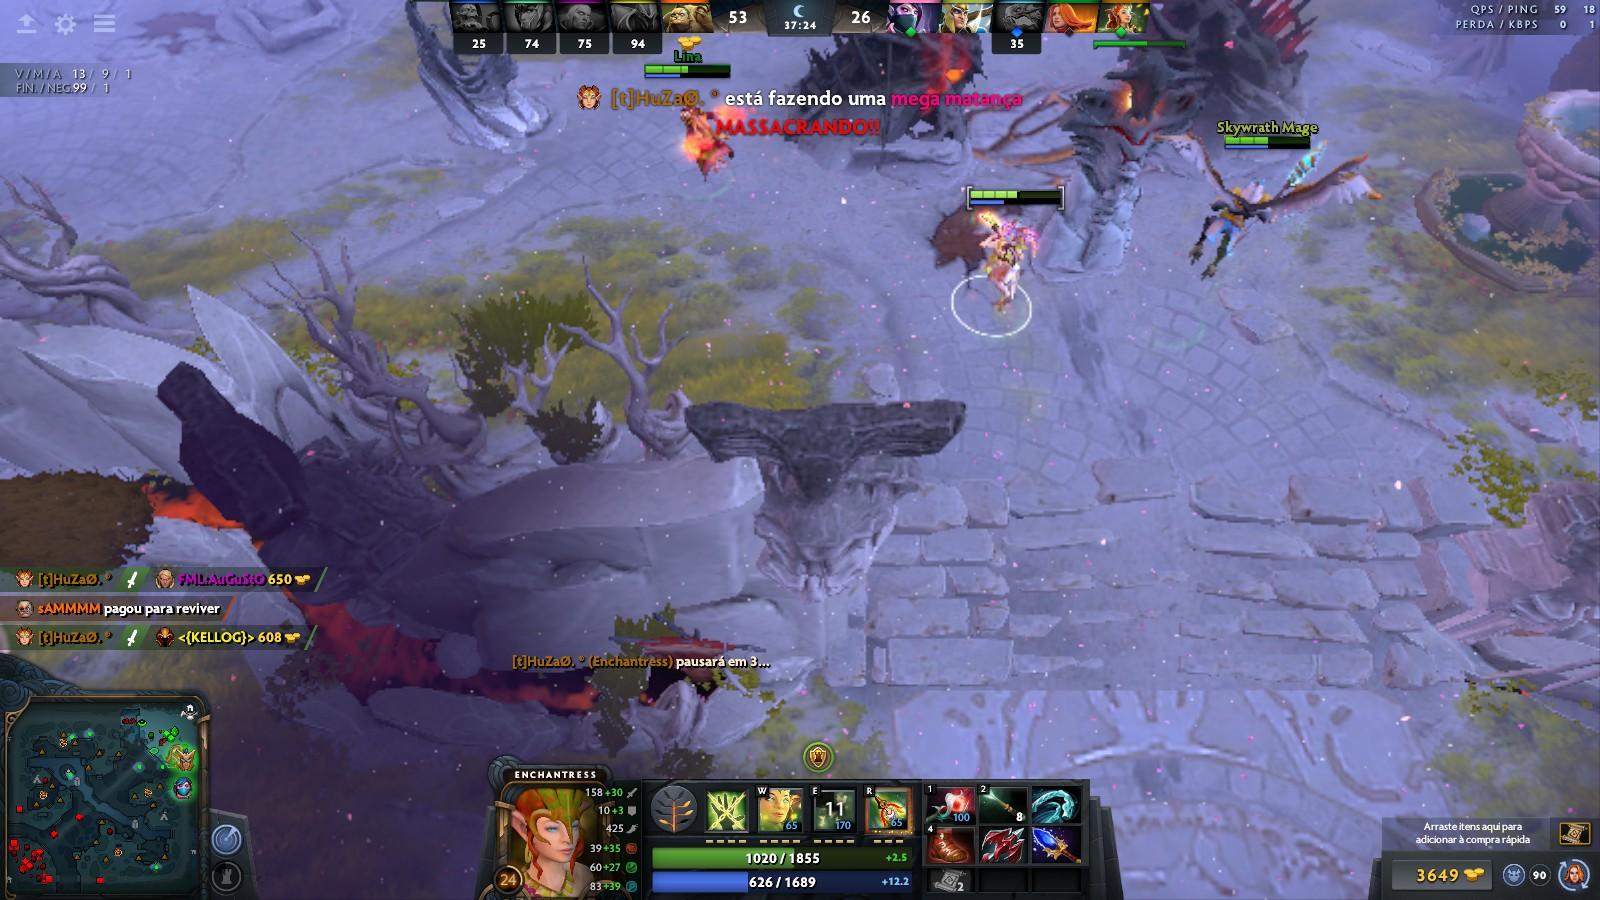 steam community screenshot voltando ao dota 2 com rampage